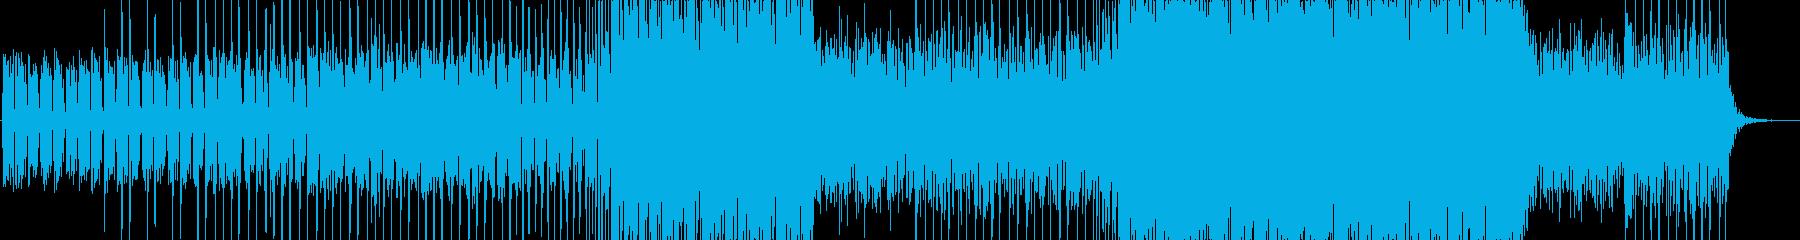 ■フィルター-ハウス-空間-動画-PVの再生済みの波形